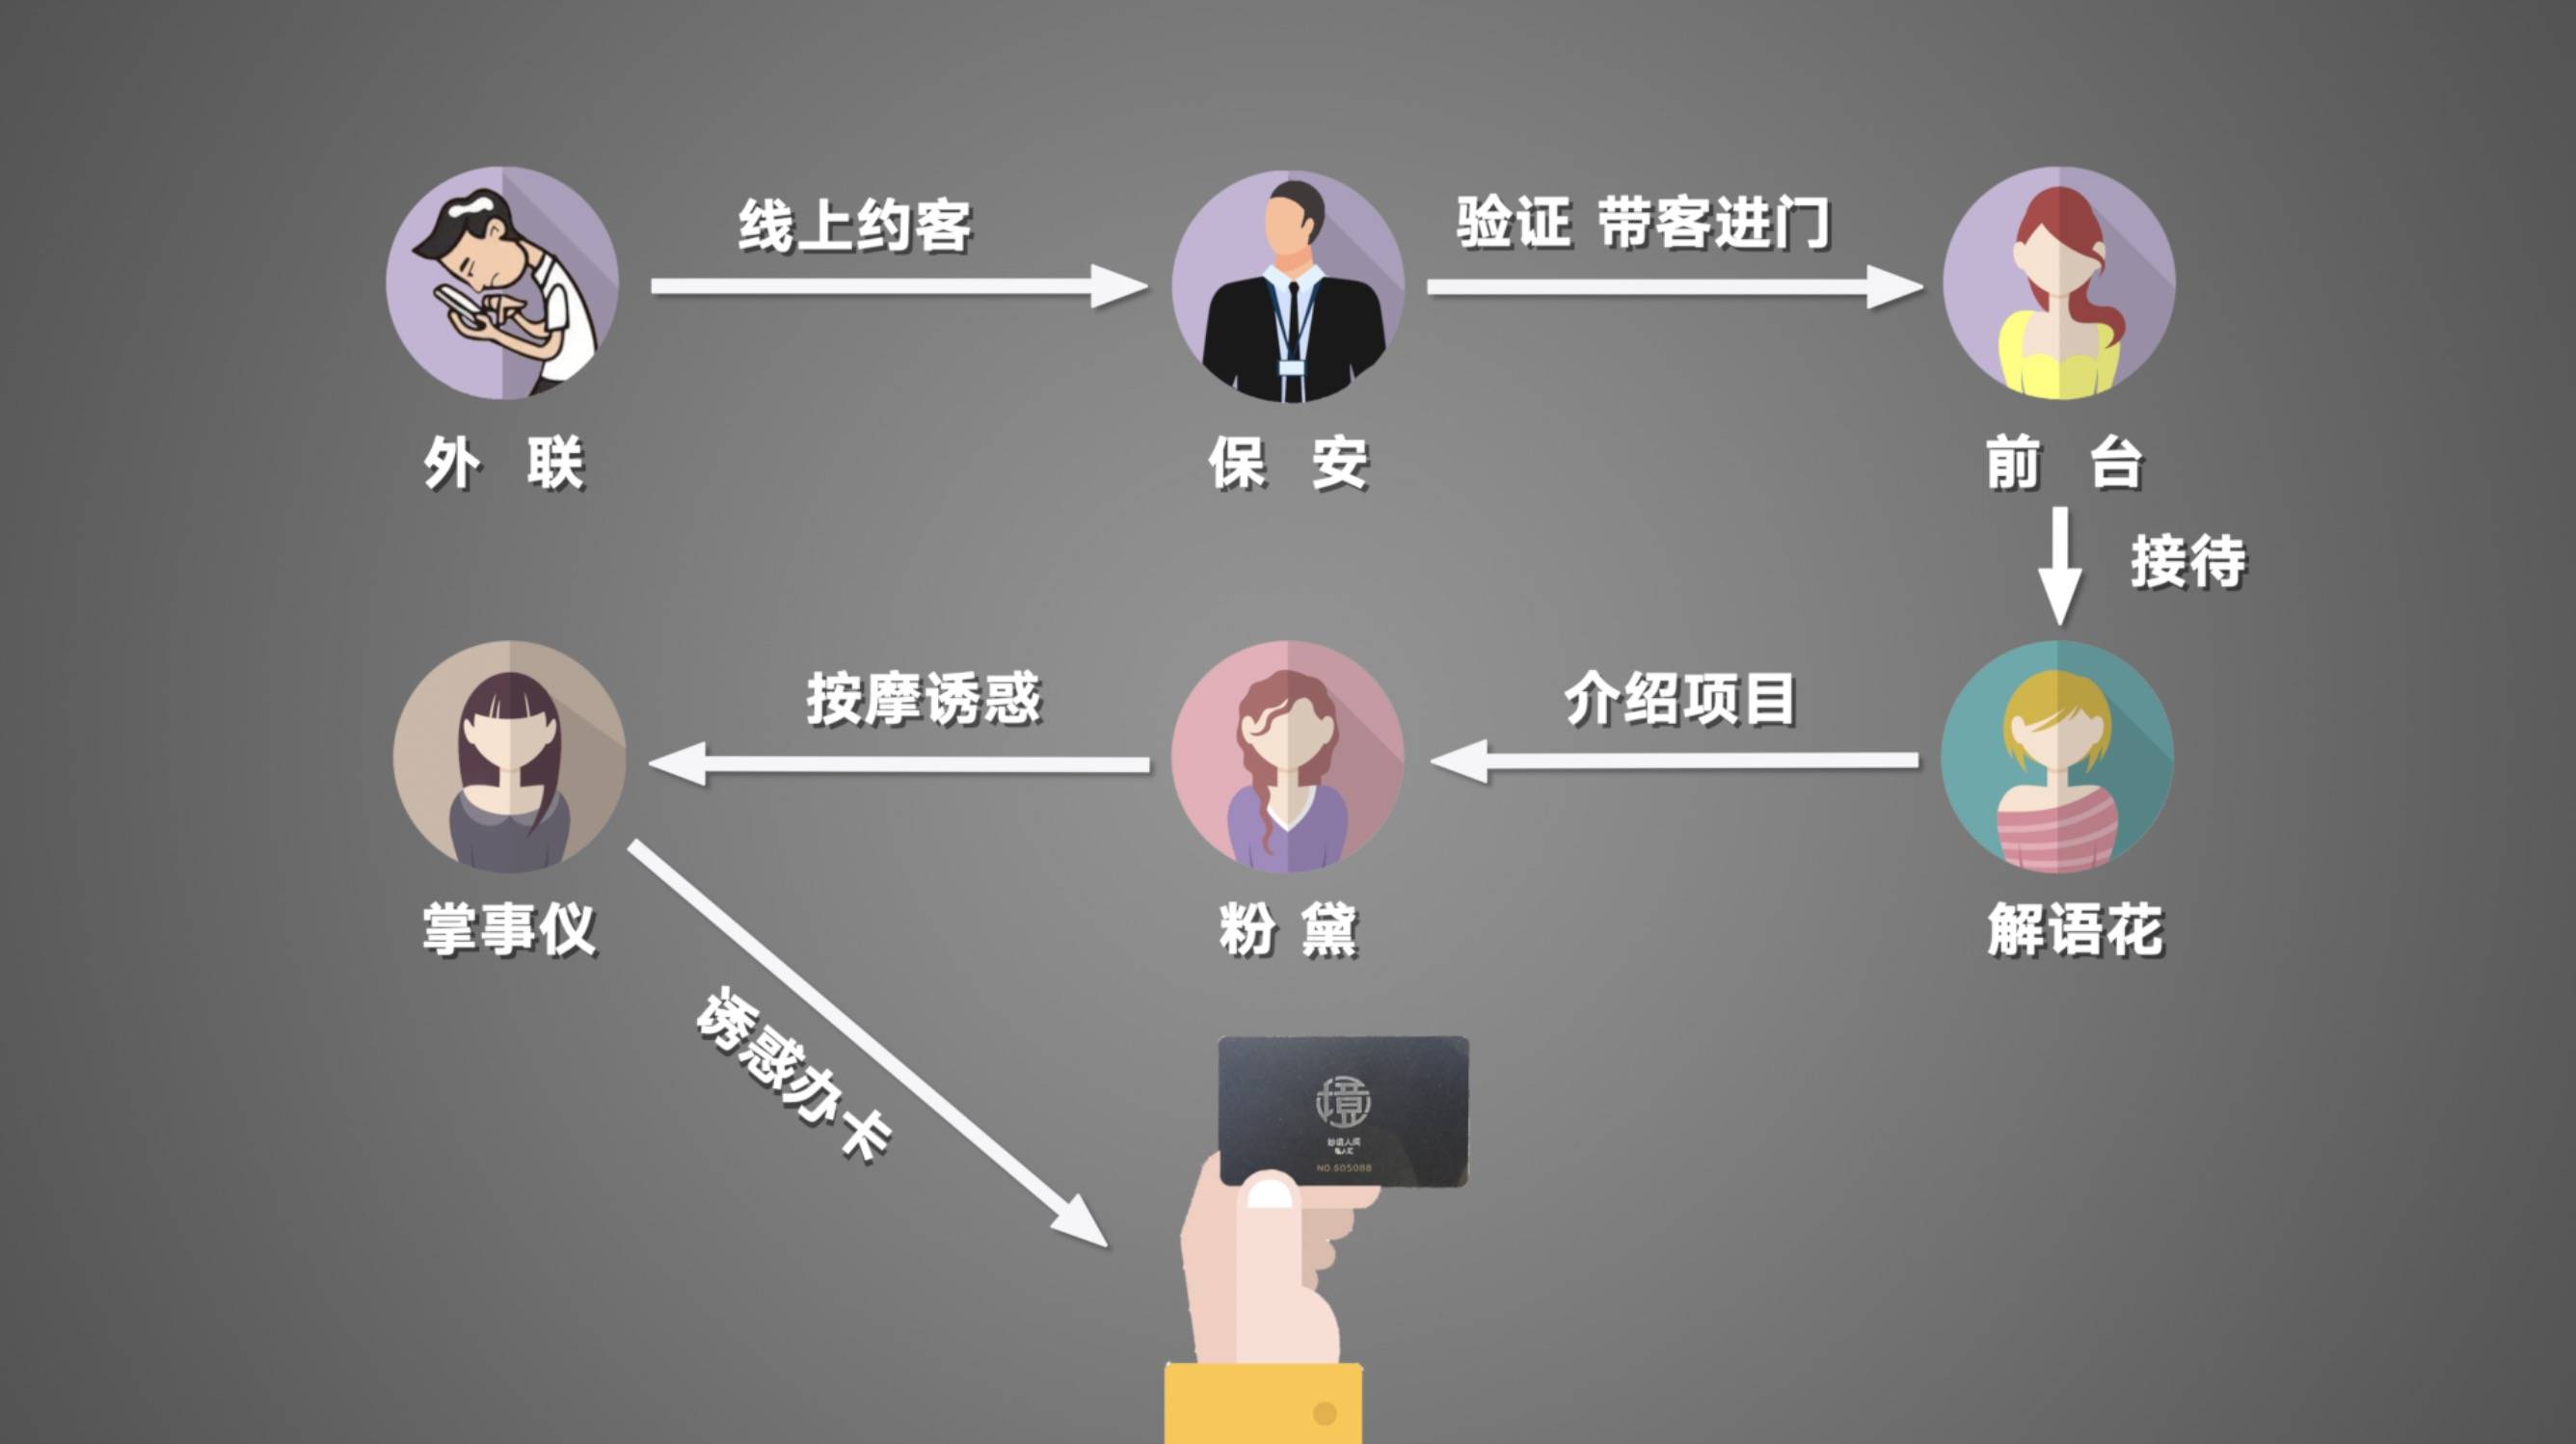 揭秘北京男士会所骗局:情色话术诱182人花近百万